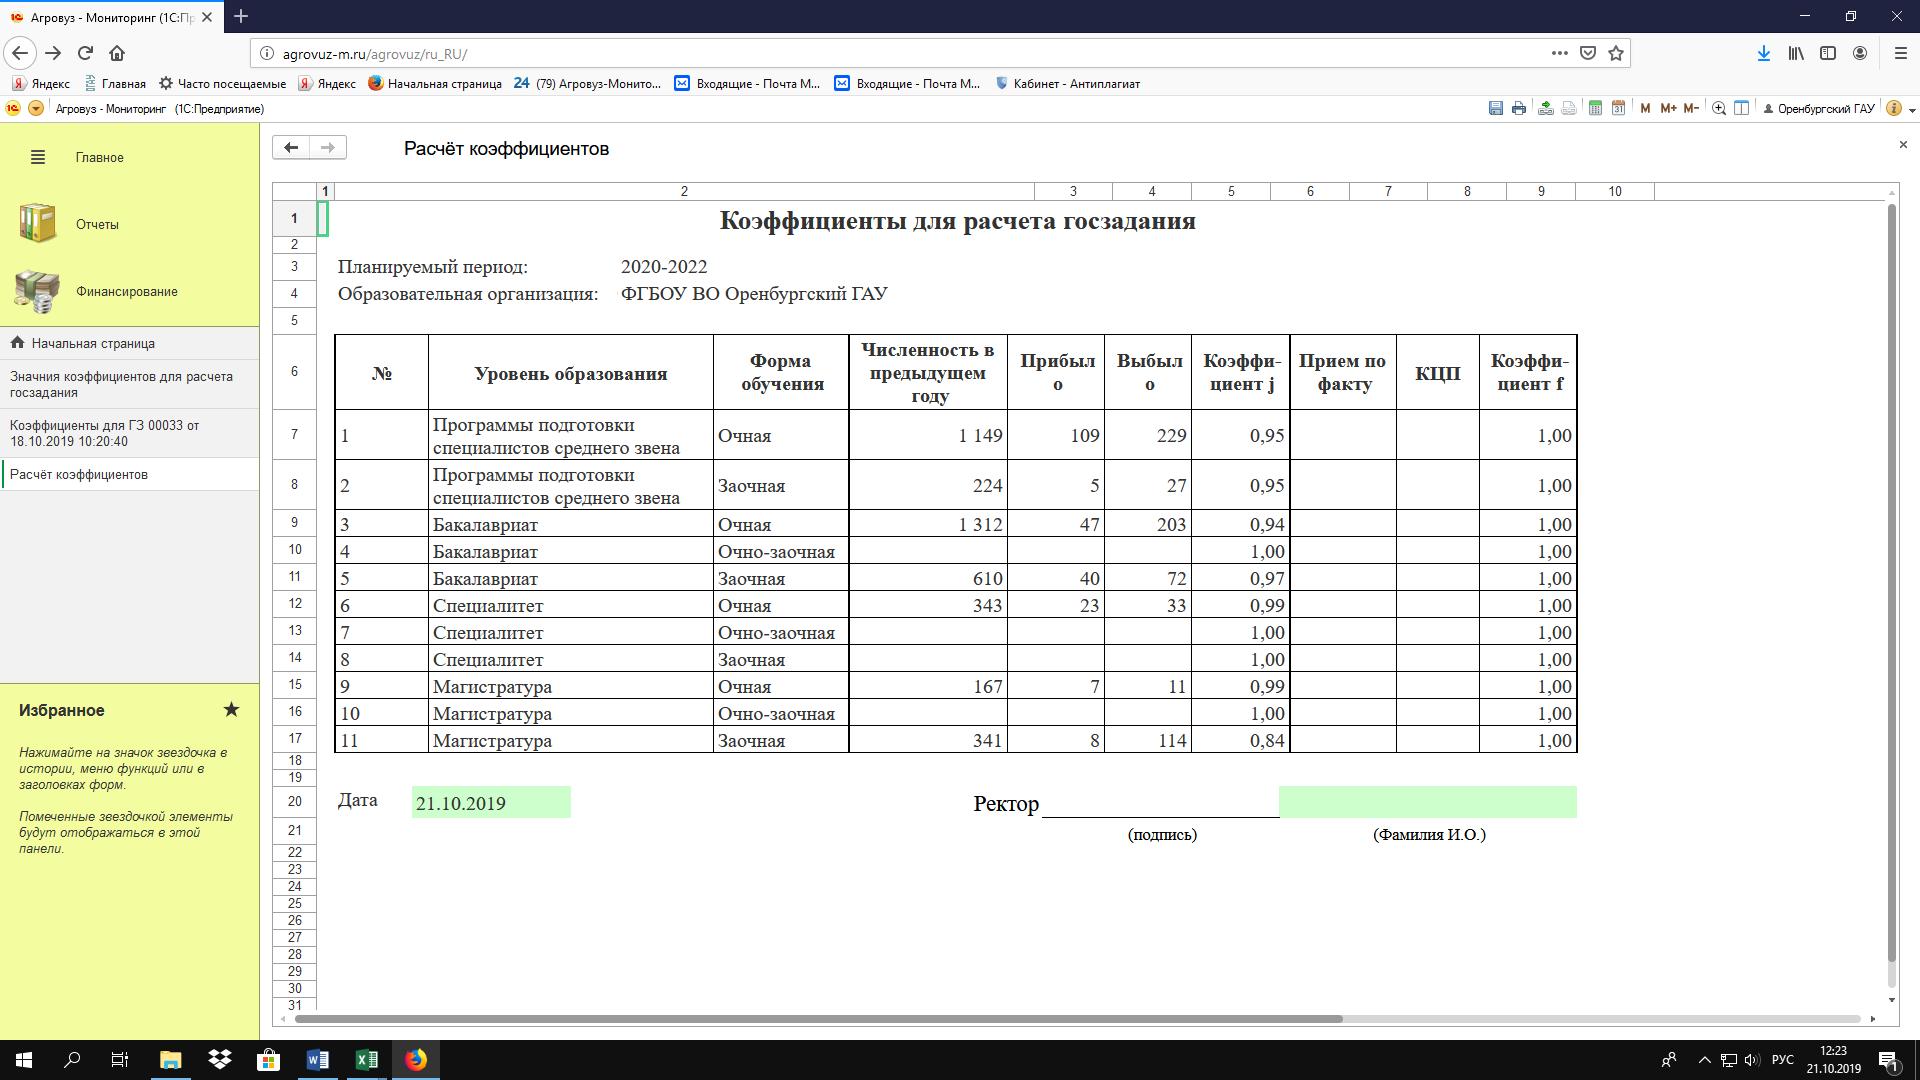 word image 2206 Мониторинг деятельности и анализ информации образовательных организаций, подведомственных Минсельхозу России